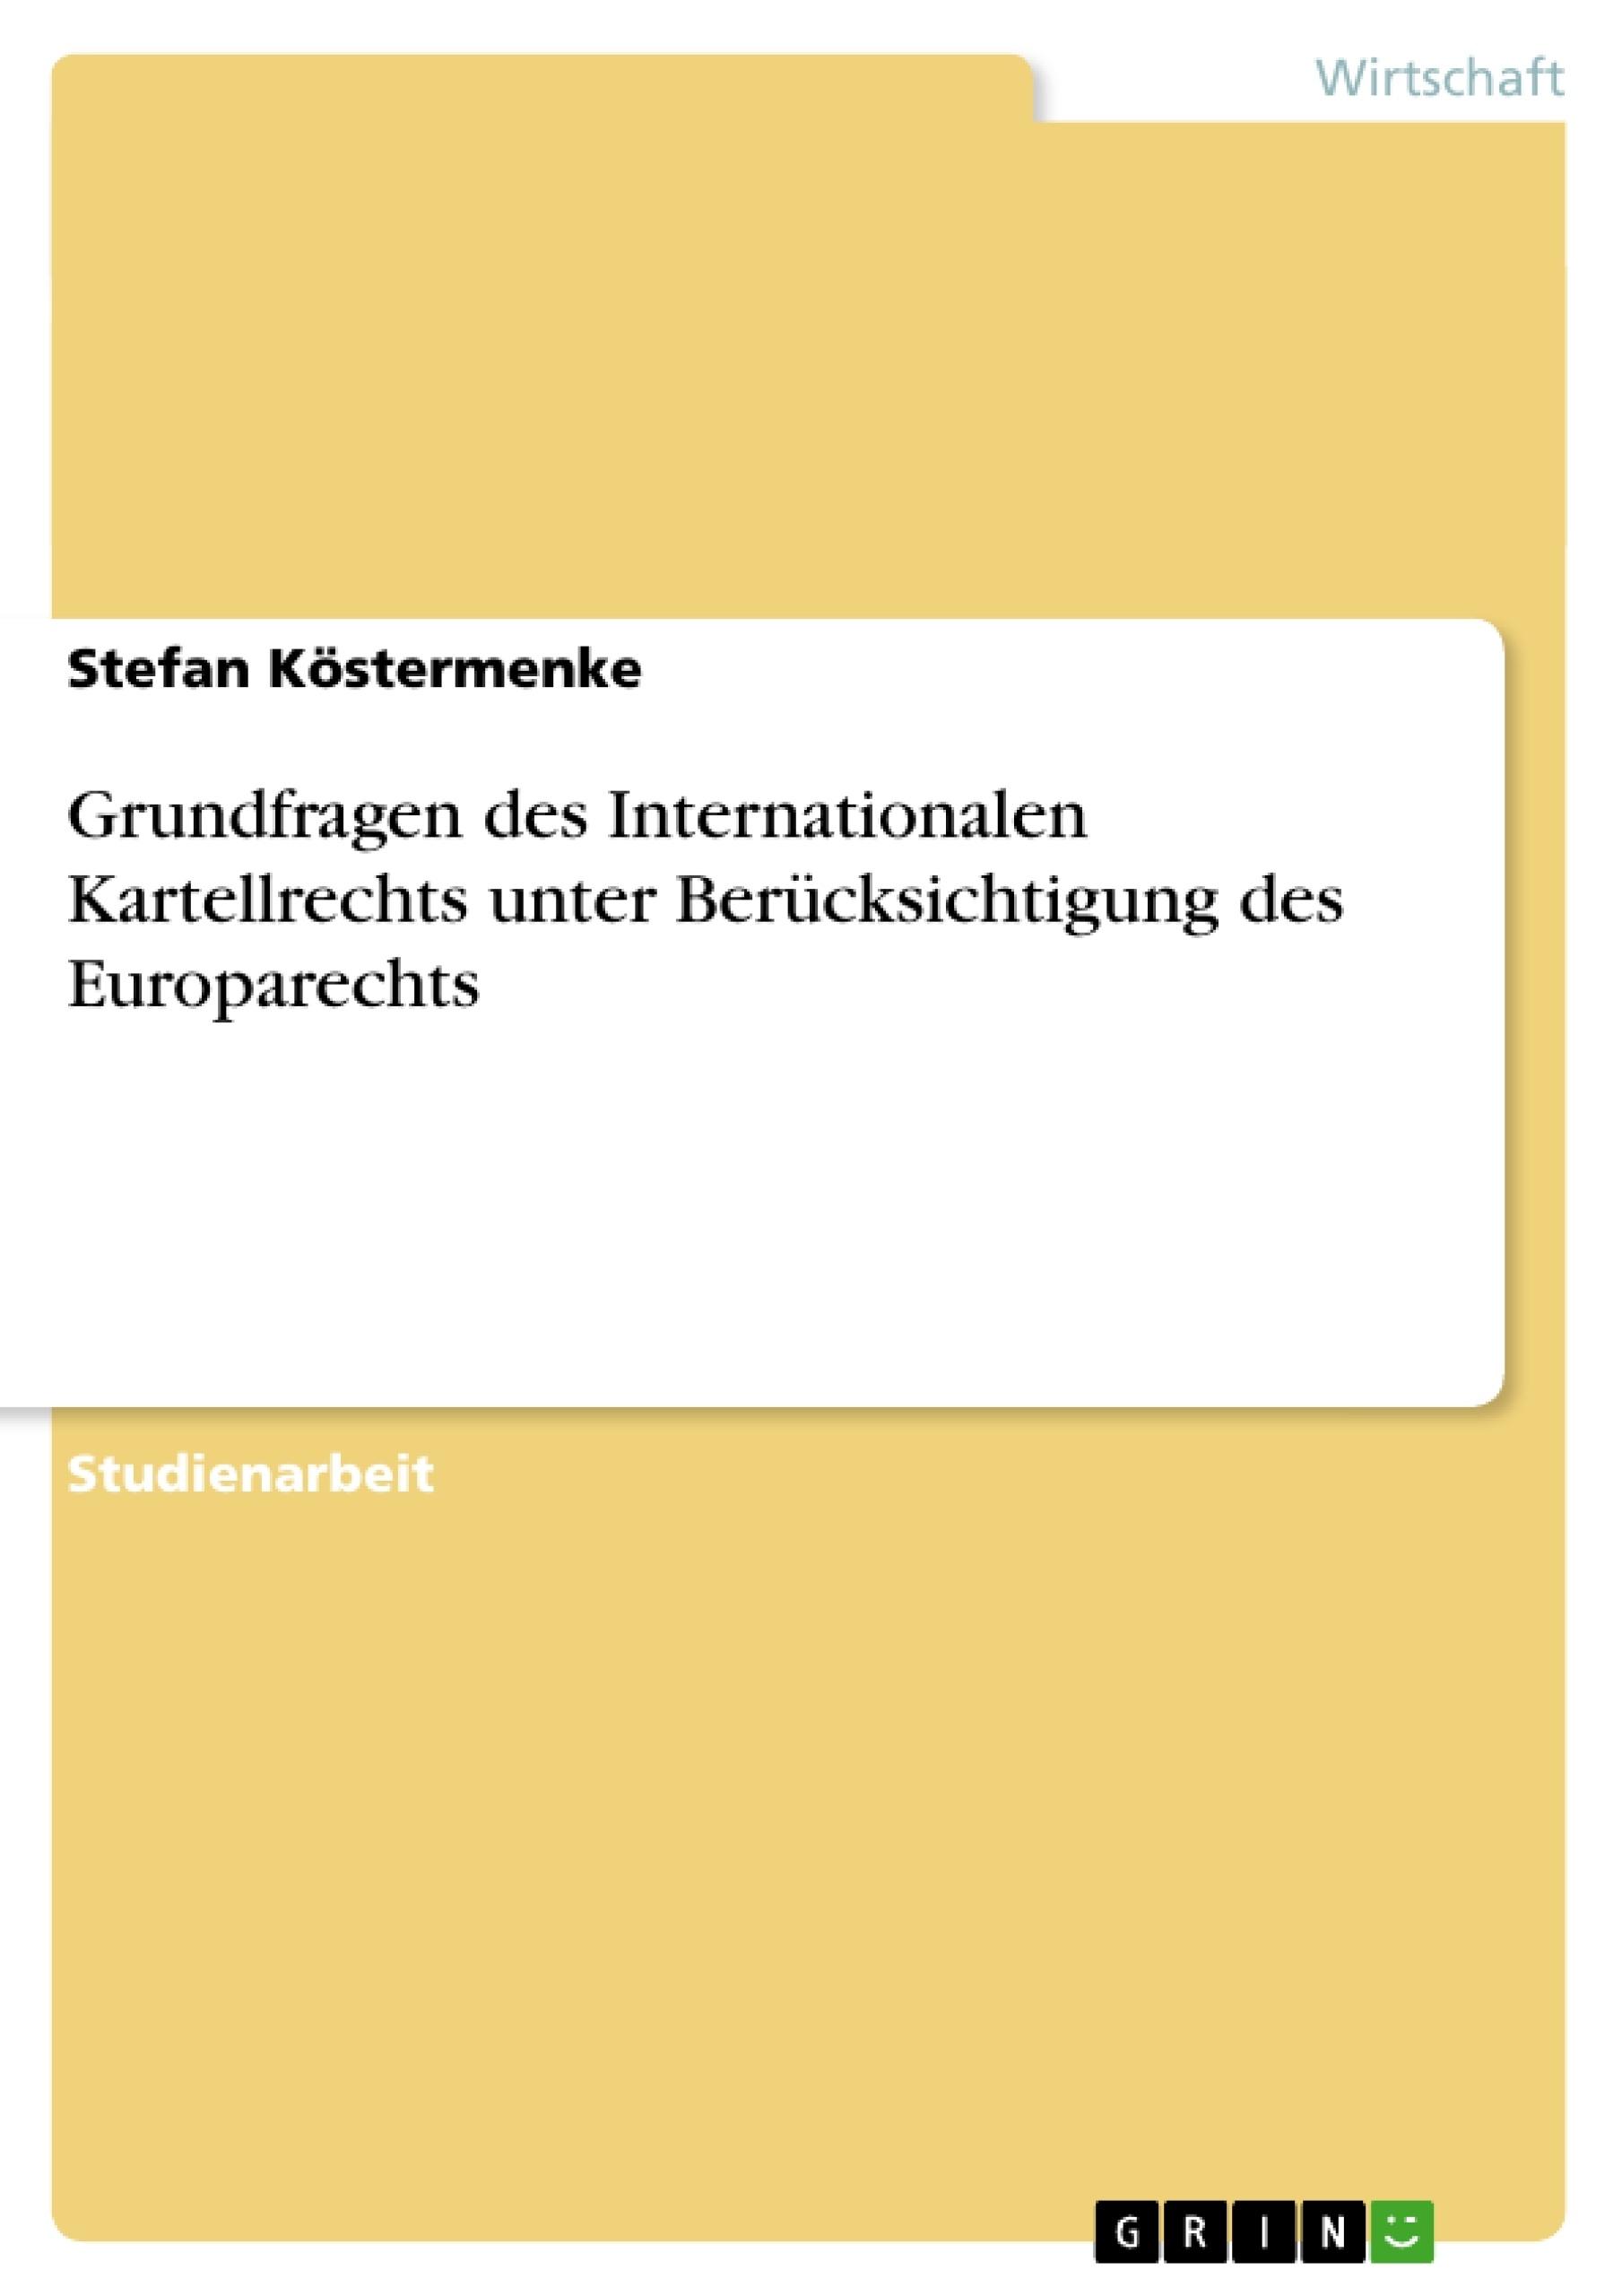 Titel: Grundfragen des Internationalen Kartellrechts unter Berücksichtigung des Europarechts